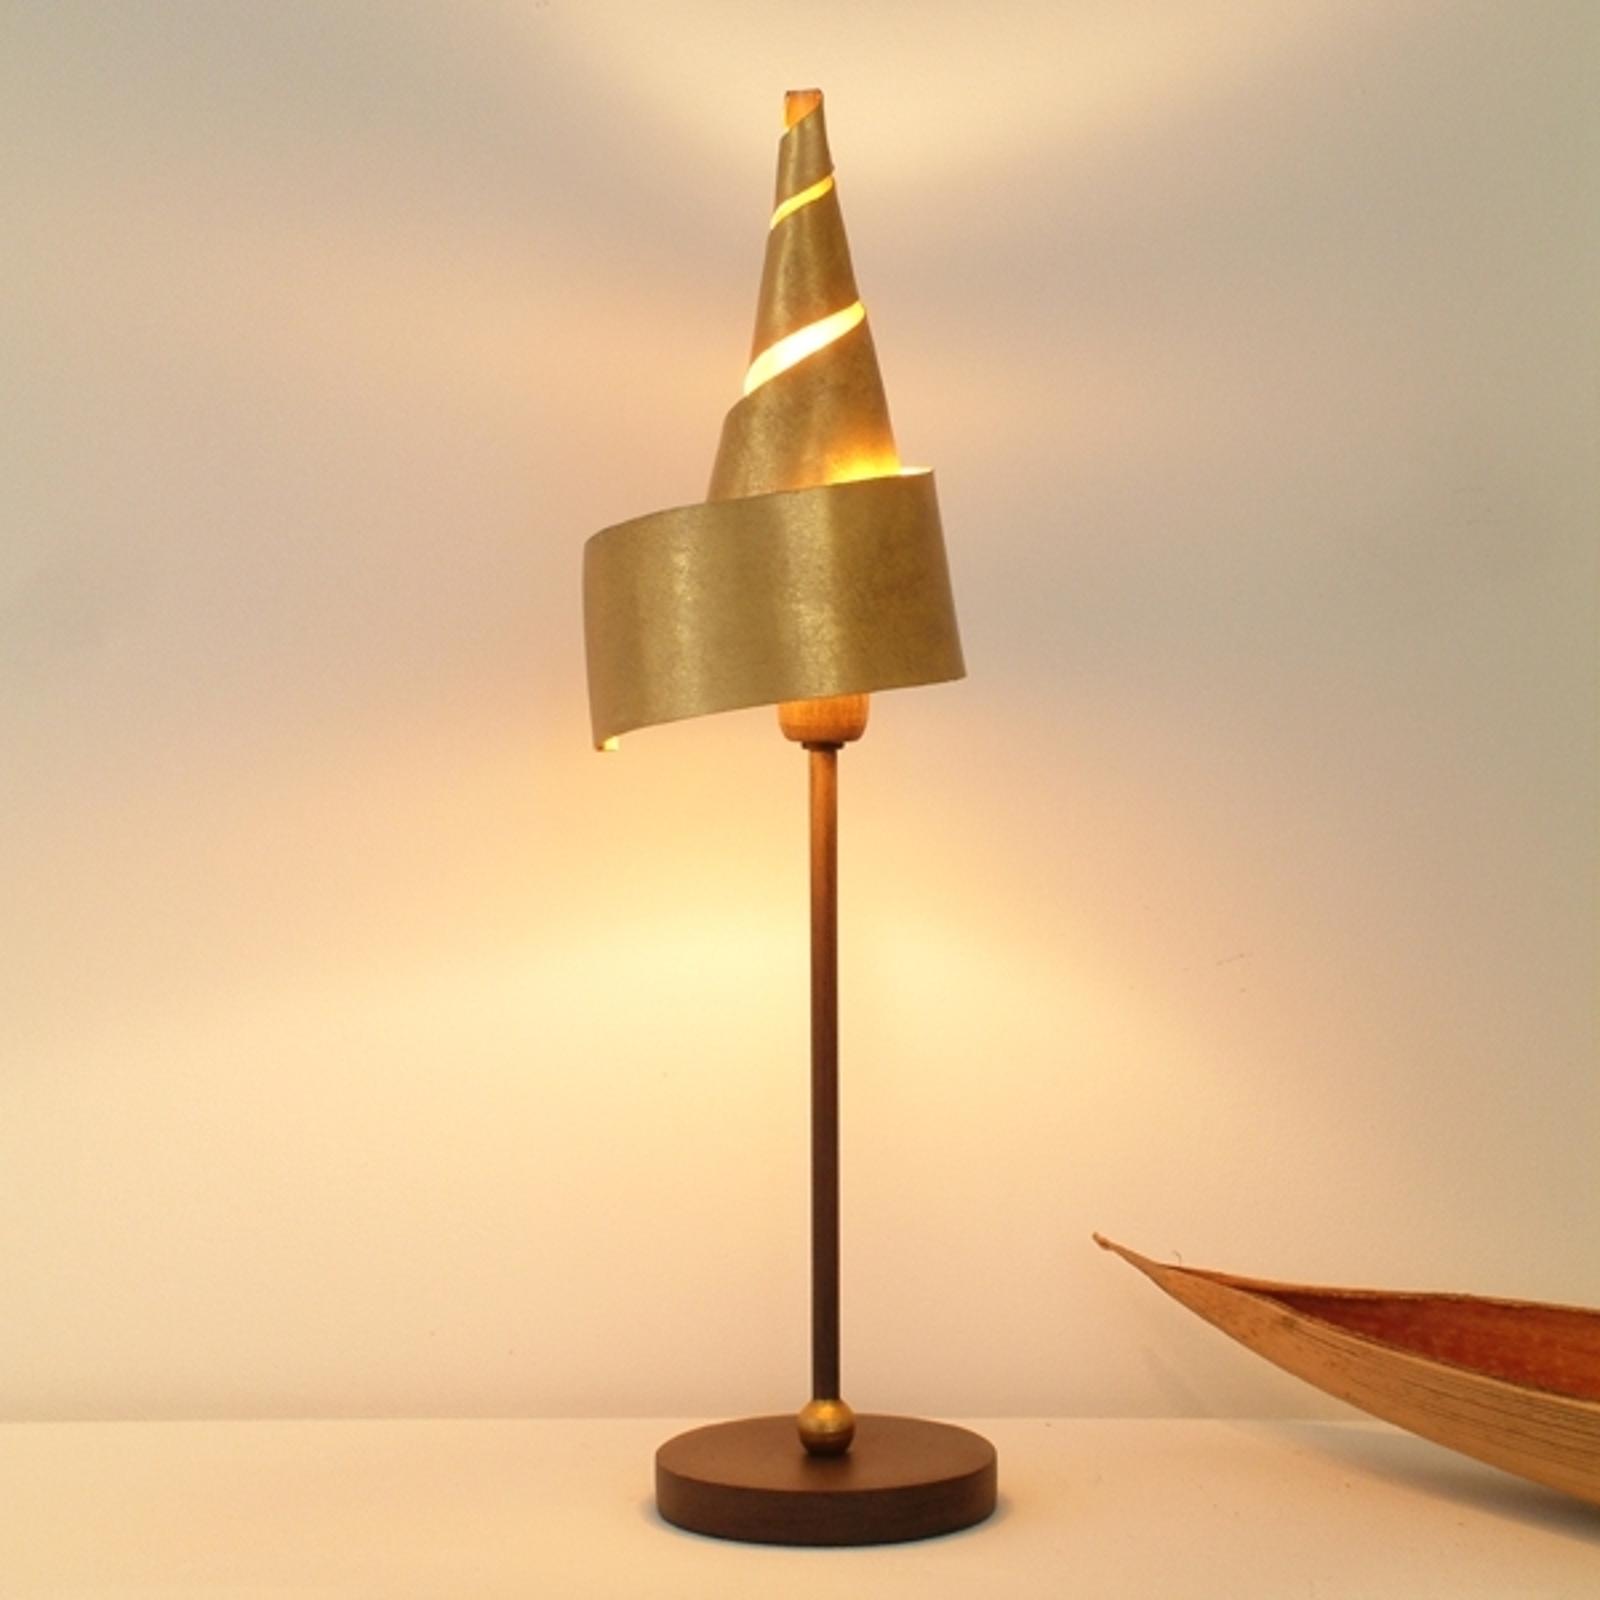 Złota lampa stołowa ZAUBERHUT